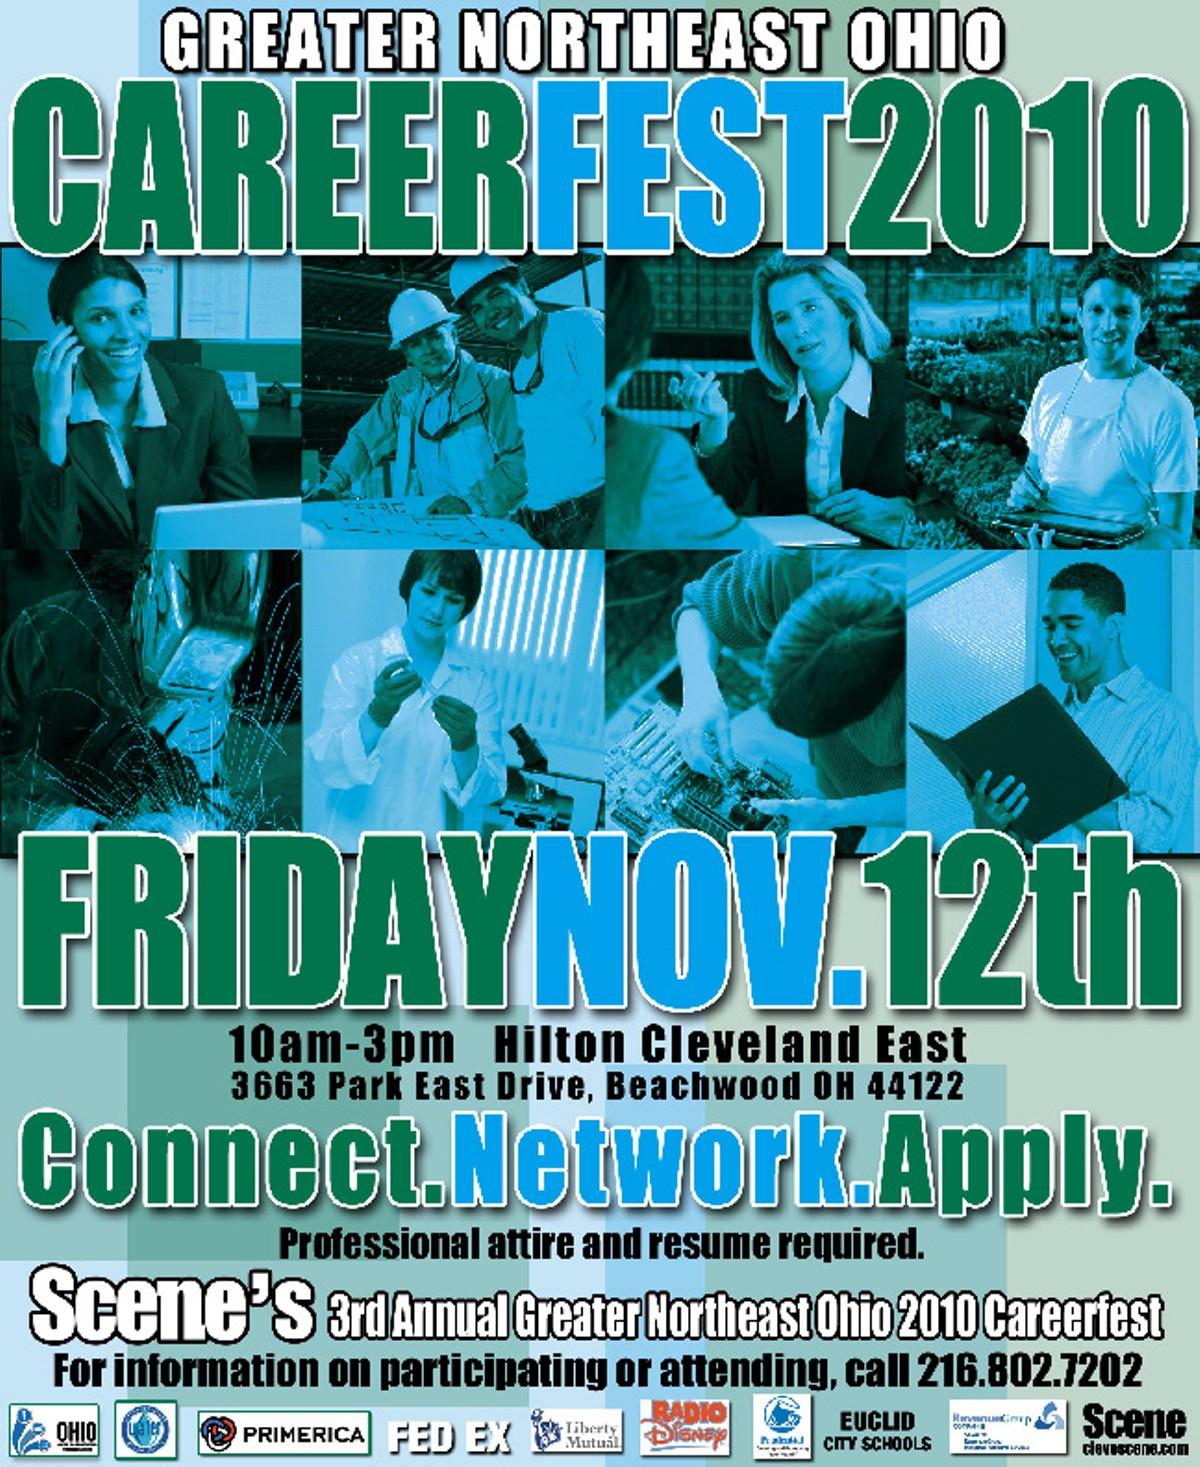 careerfest2010_promopg.jpg